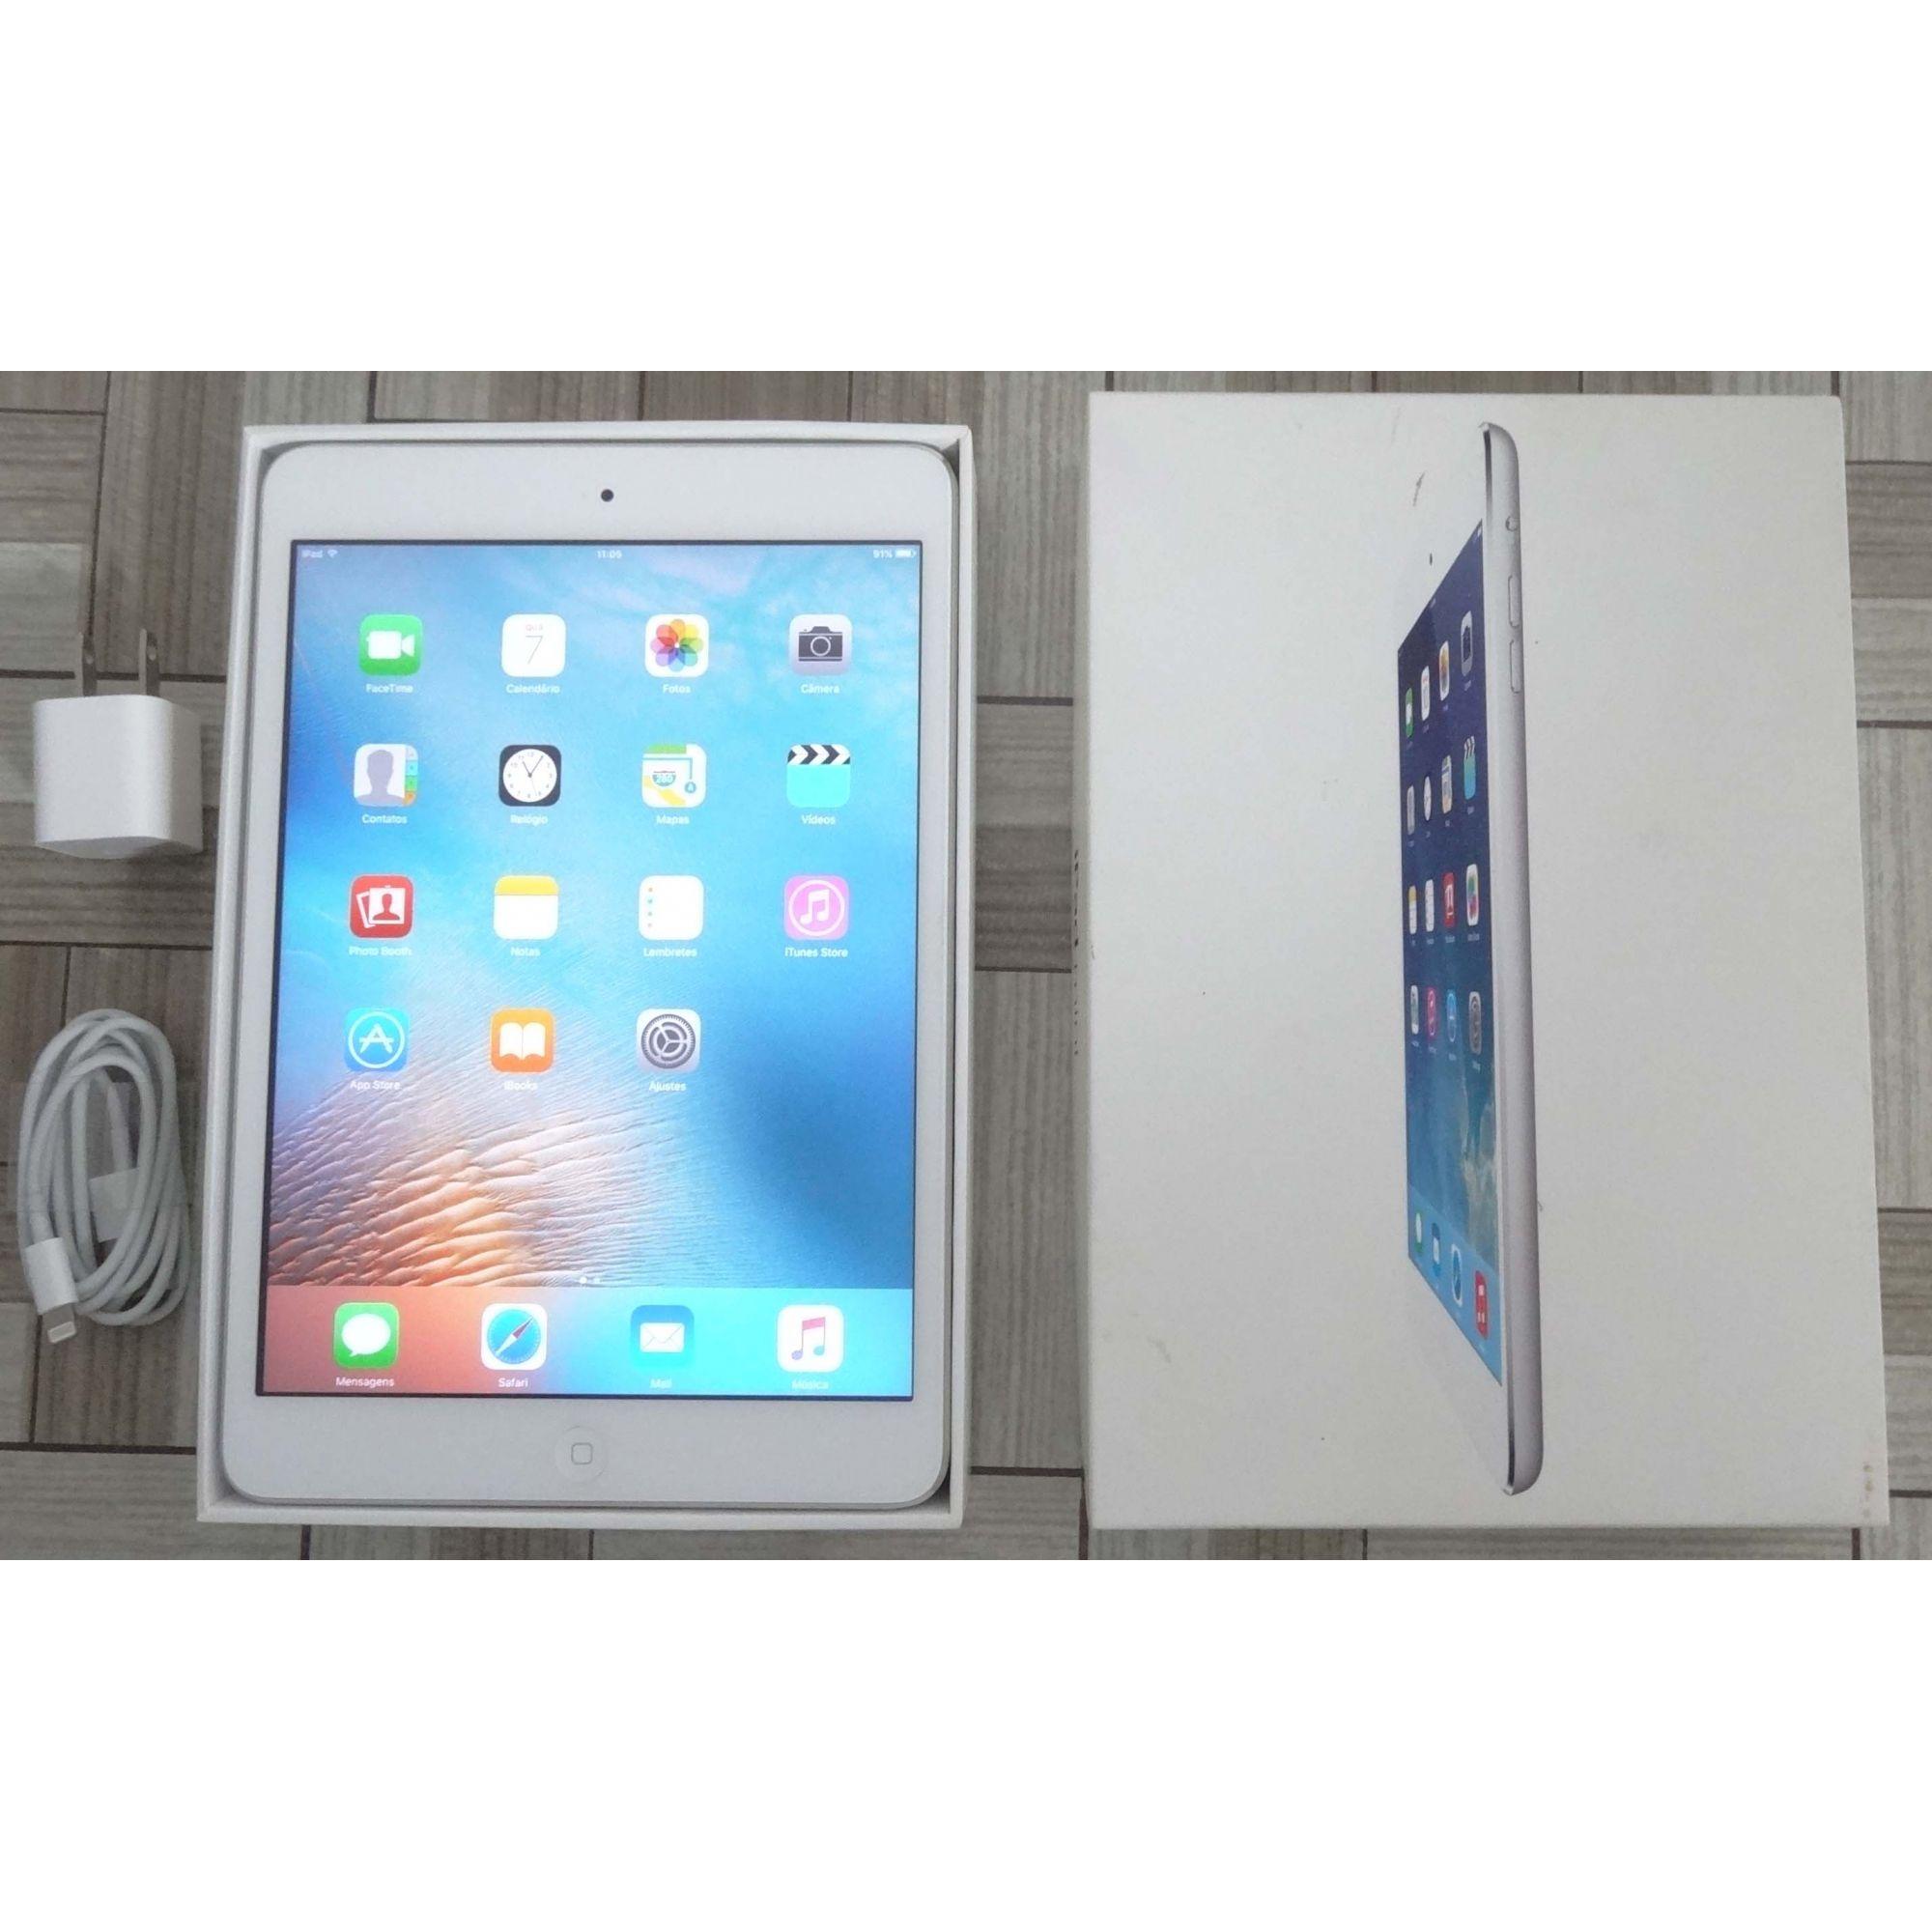 Ipad mini 16GB MD531E/A 7.9'' Wifi/Bluetooth, Câmera iSight 5 MP